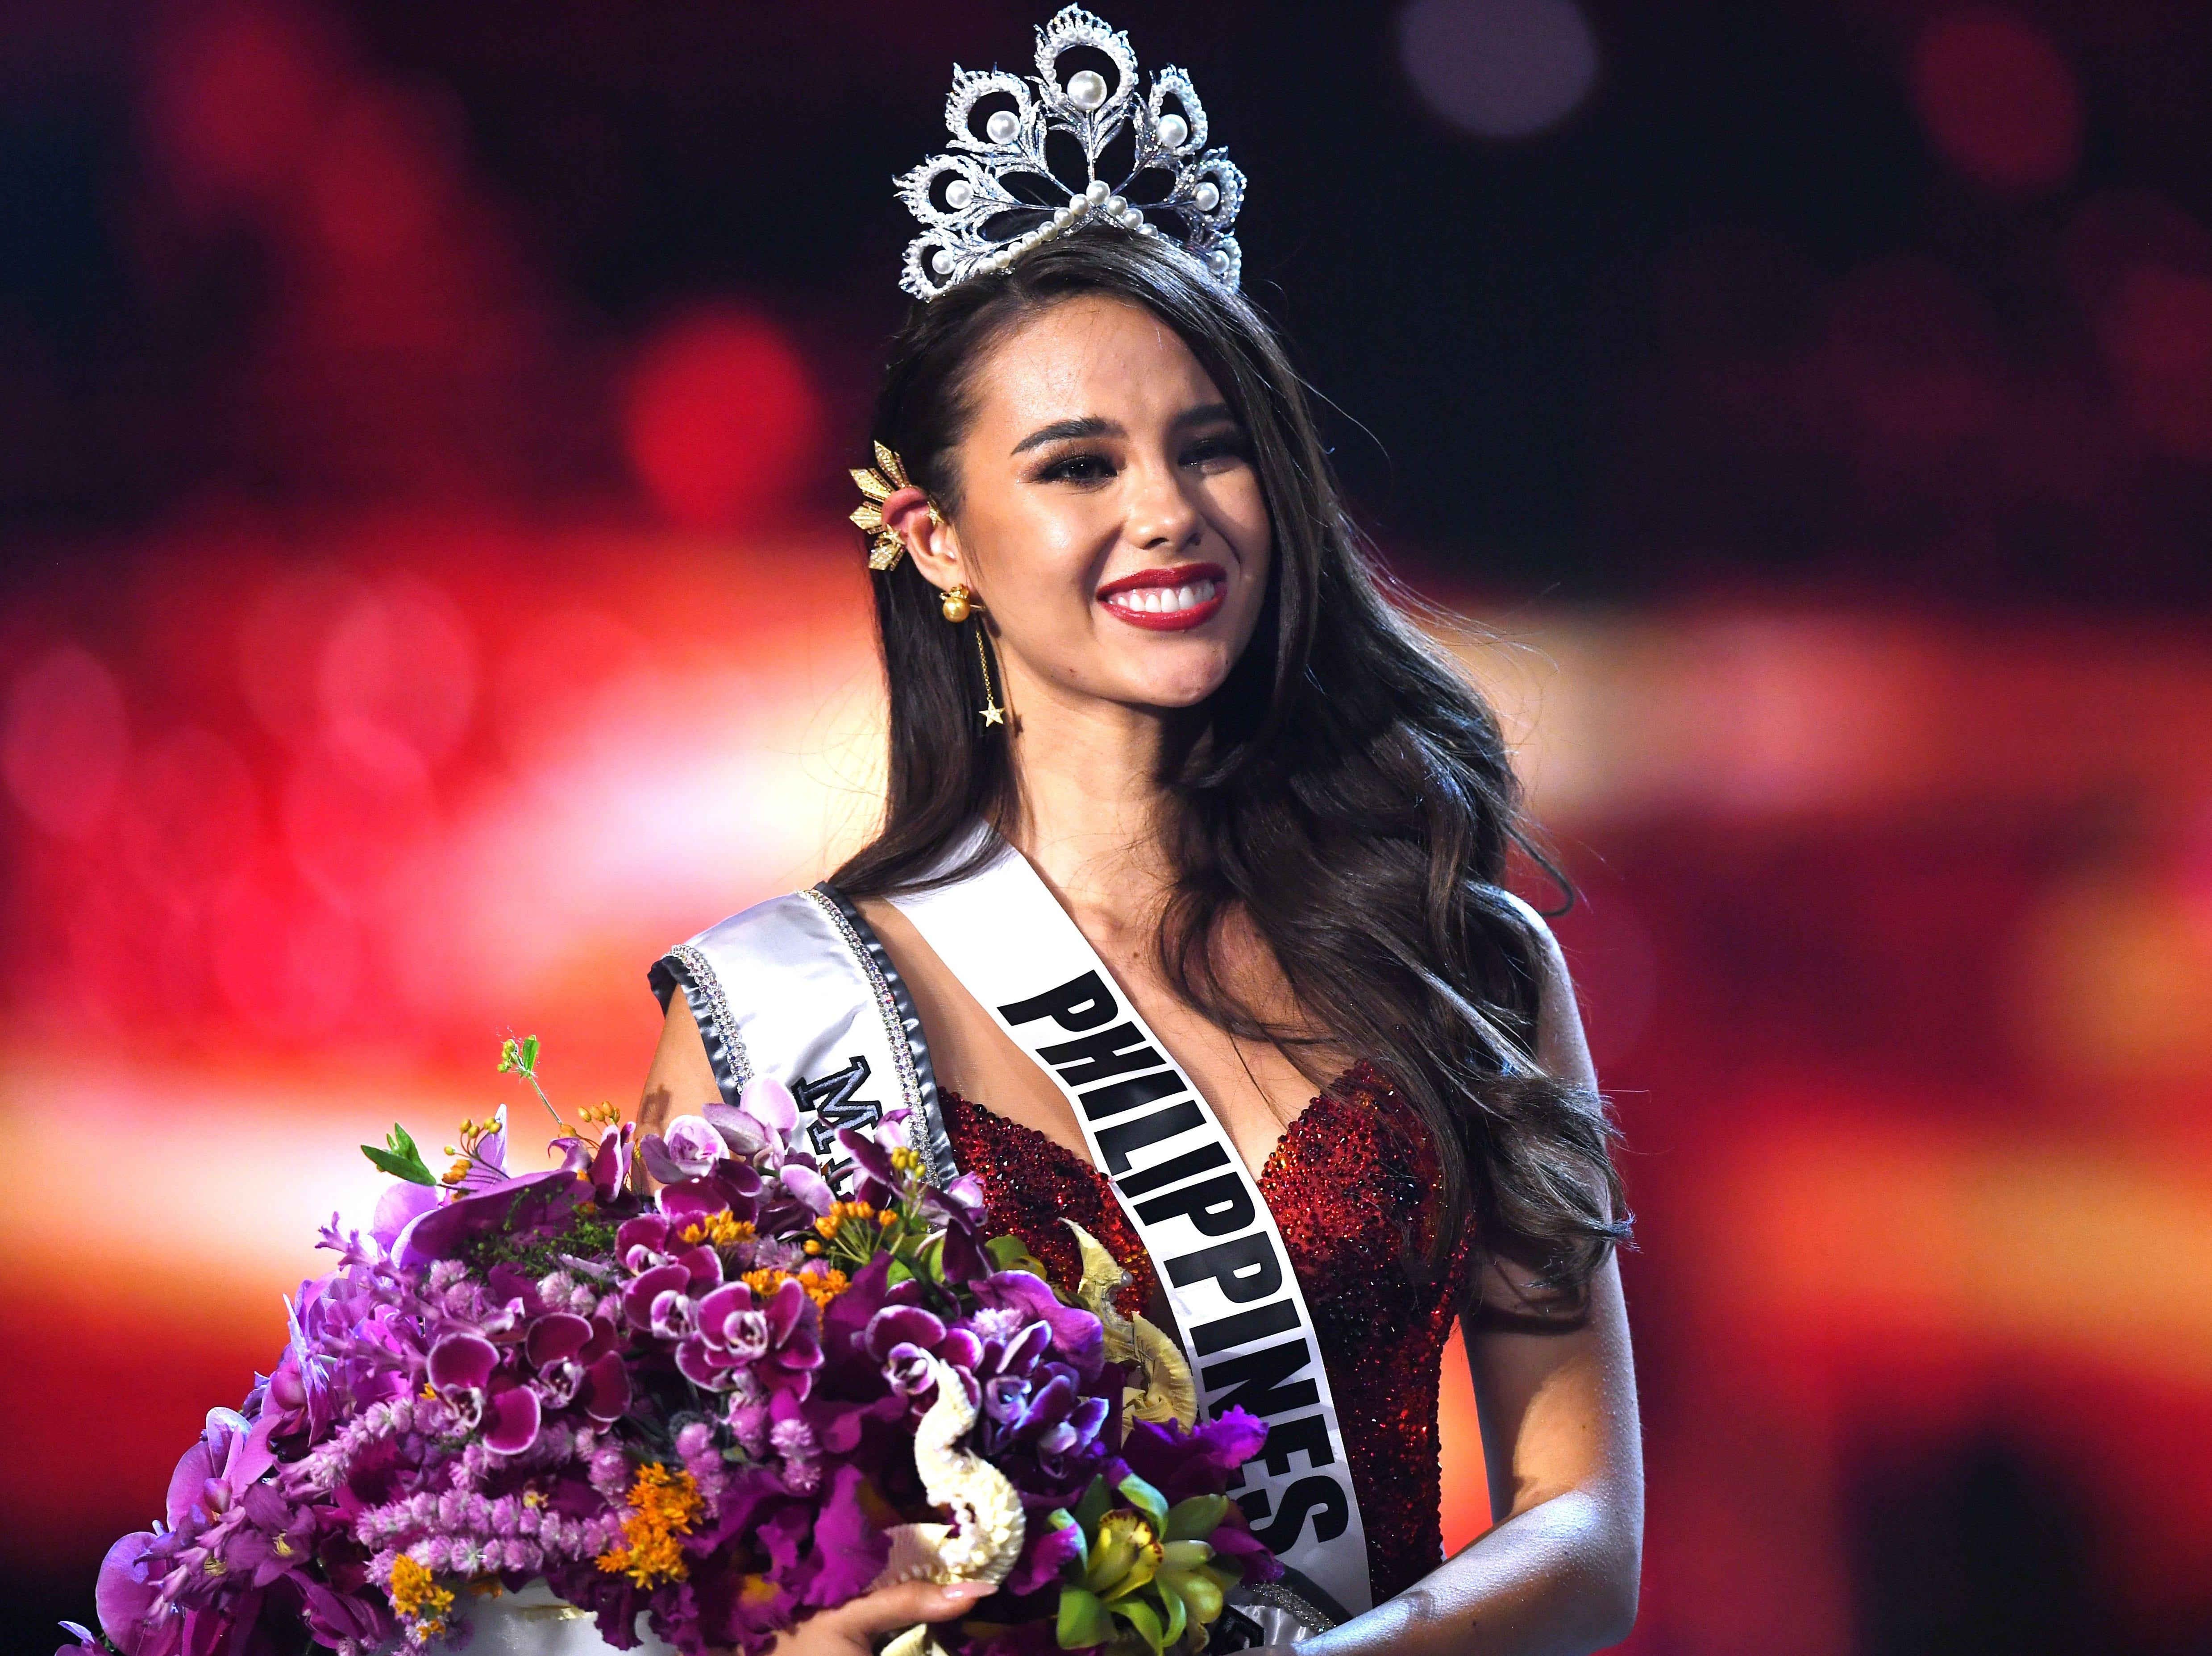 Catriona Grey de Filipinas sonríe después de ser coronada la nueva Miss Universo 2018 el 17 de diciembre de 2018 en Bangkok.